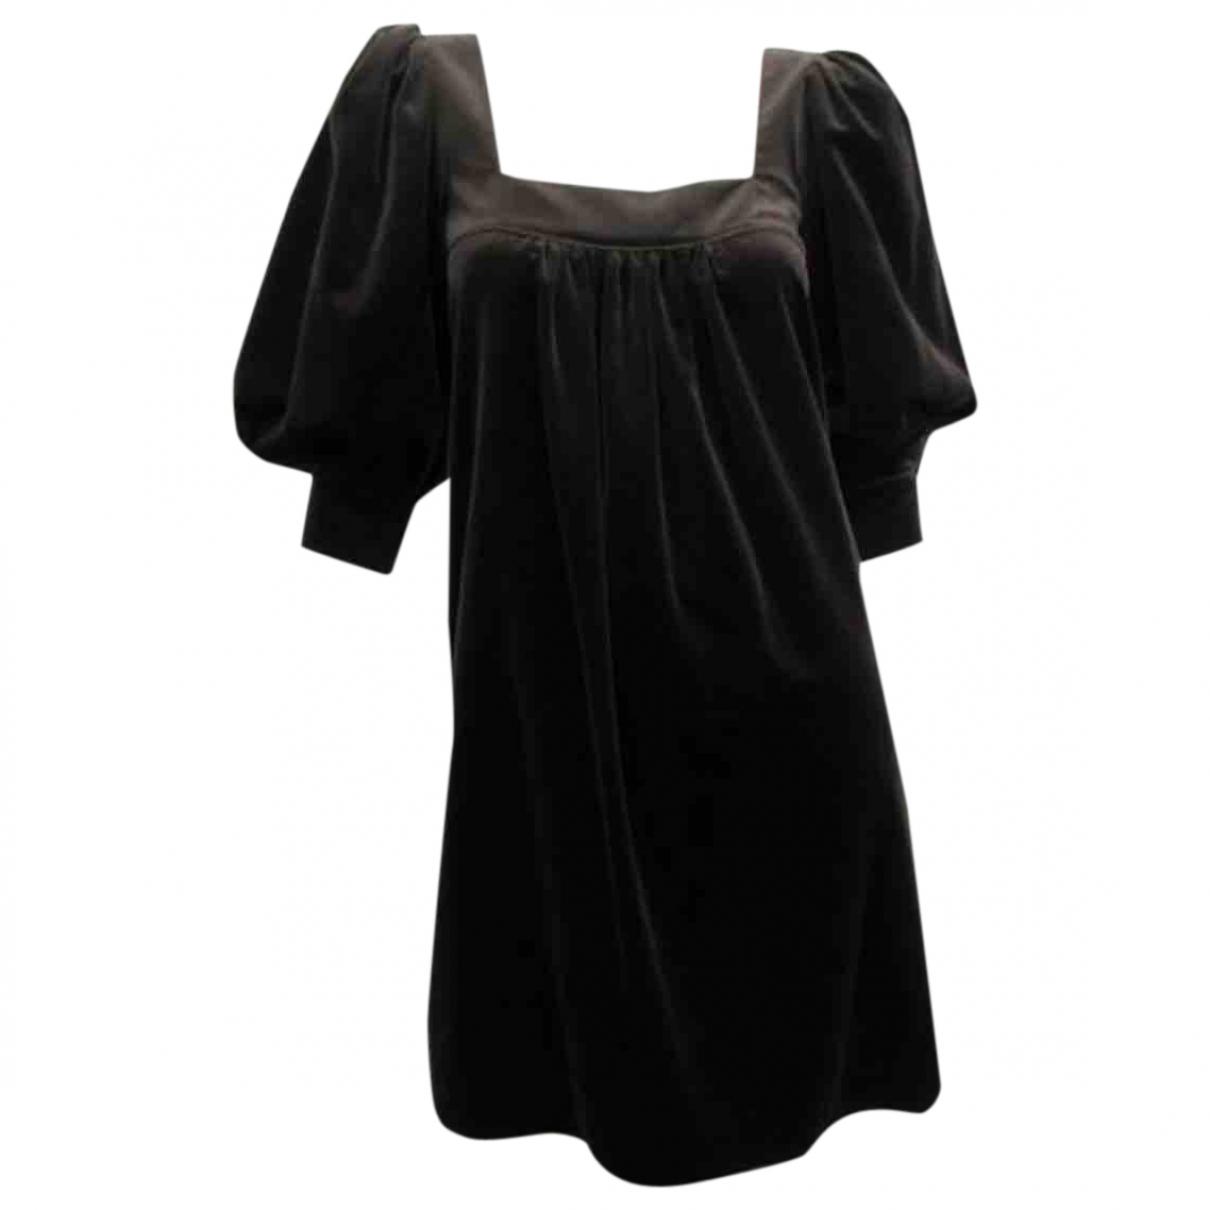 D&g - Robe   pour femme en velours - marron